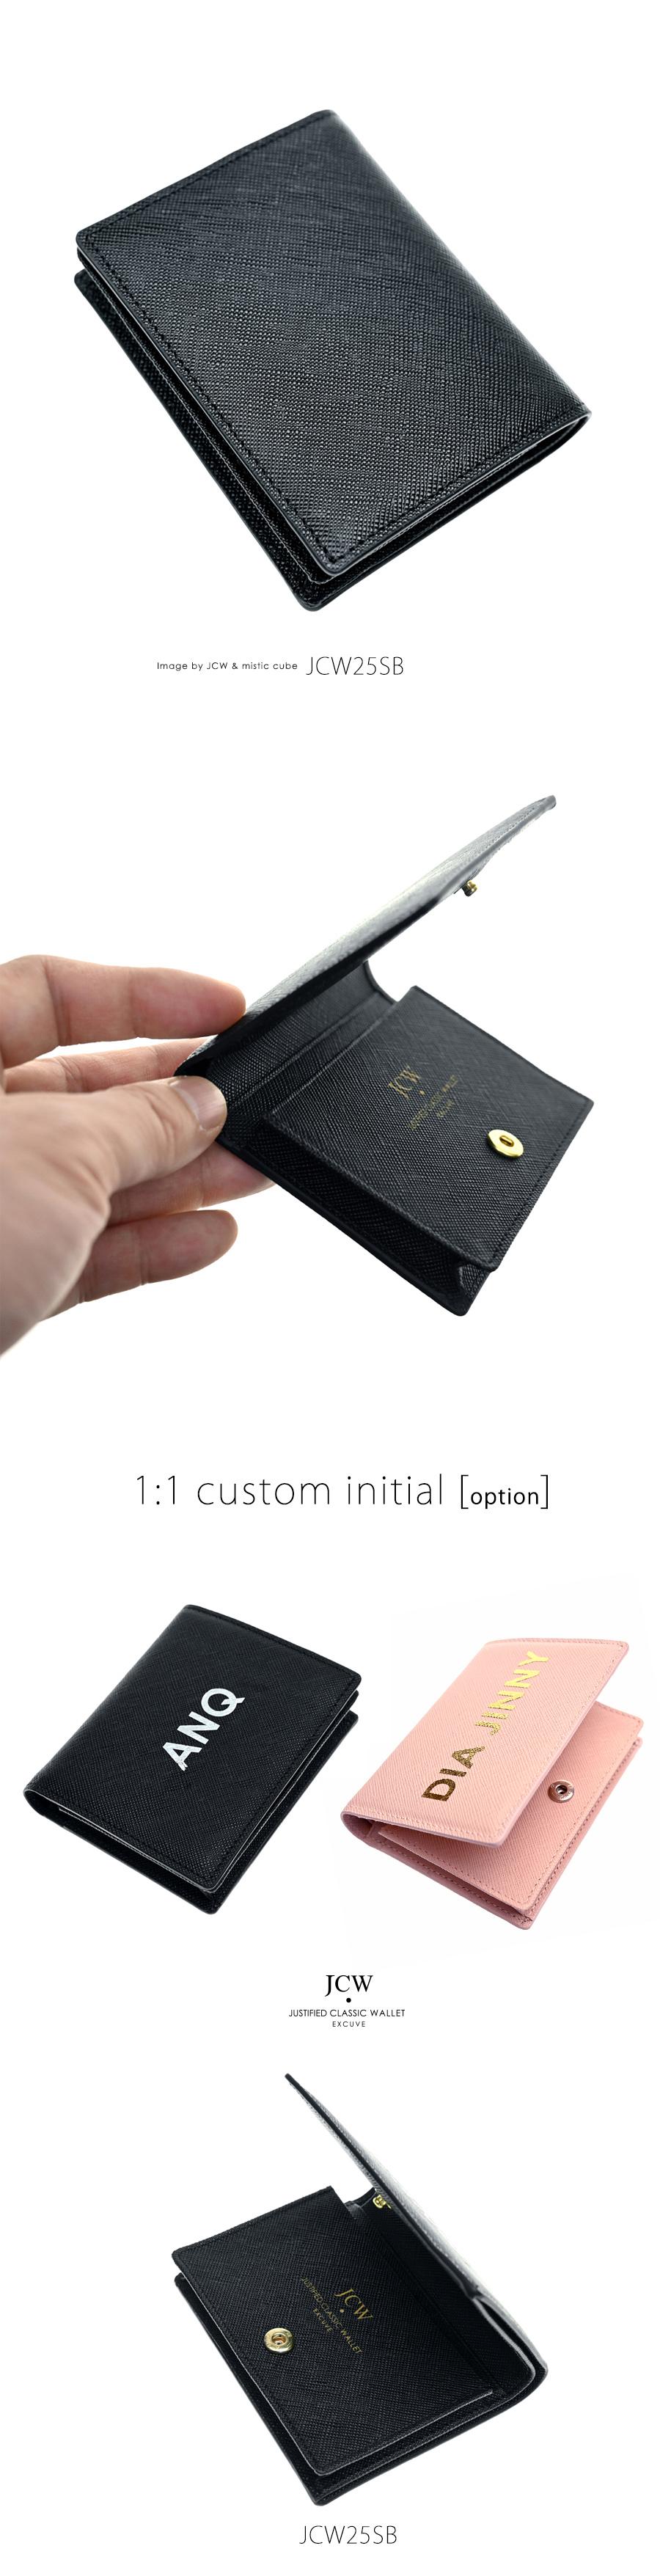 익스큐브 JCW25SB 카드명함반지갑 비지니스지갑 블랙 - 익스큐브, 89,000원, 머니클립/명함지갑, 명함지갑